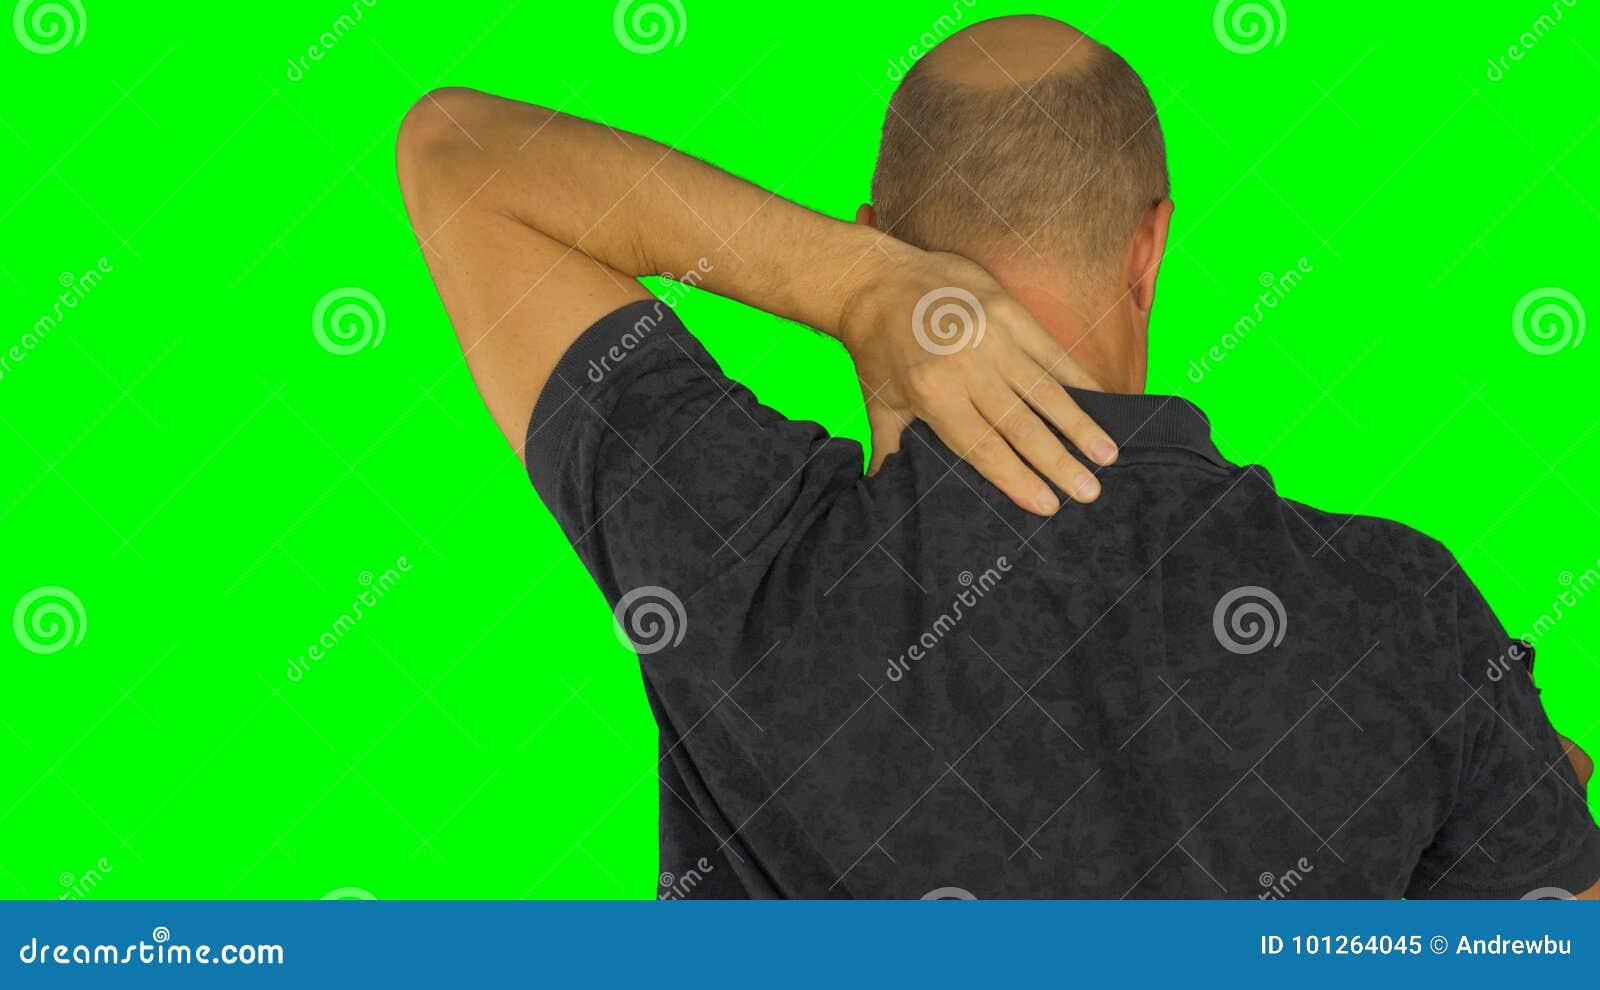 Dolore alle dita e al braccio della mano destra, migliorare il dolore...